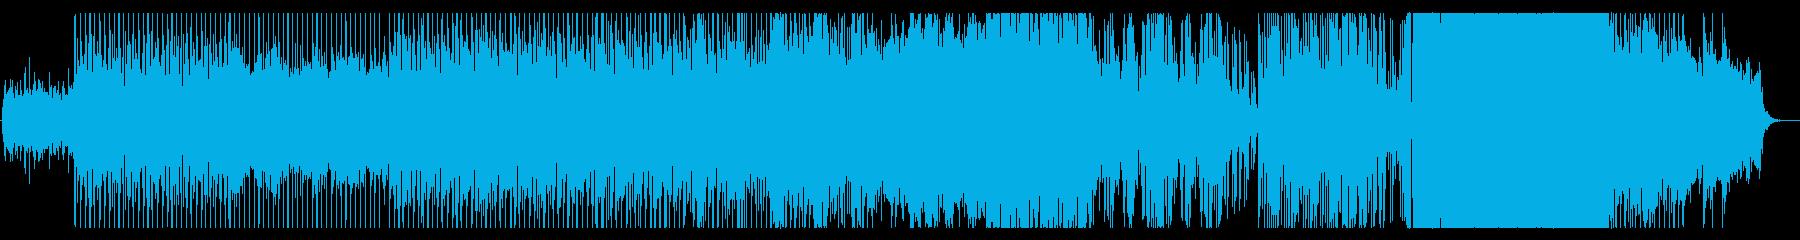 革命前夜の音の再生済みの波形